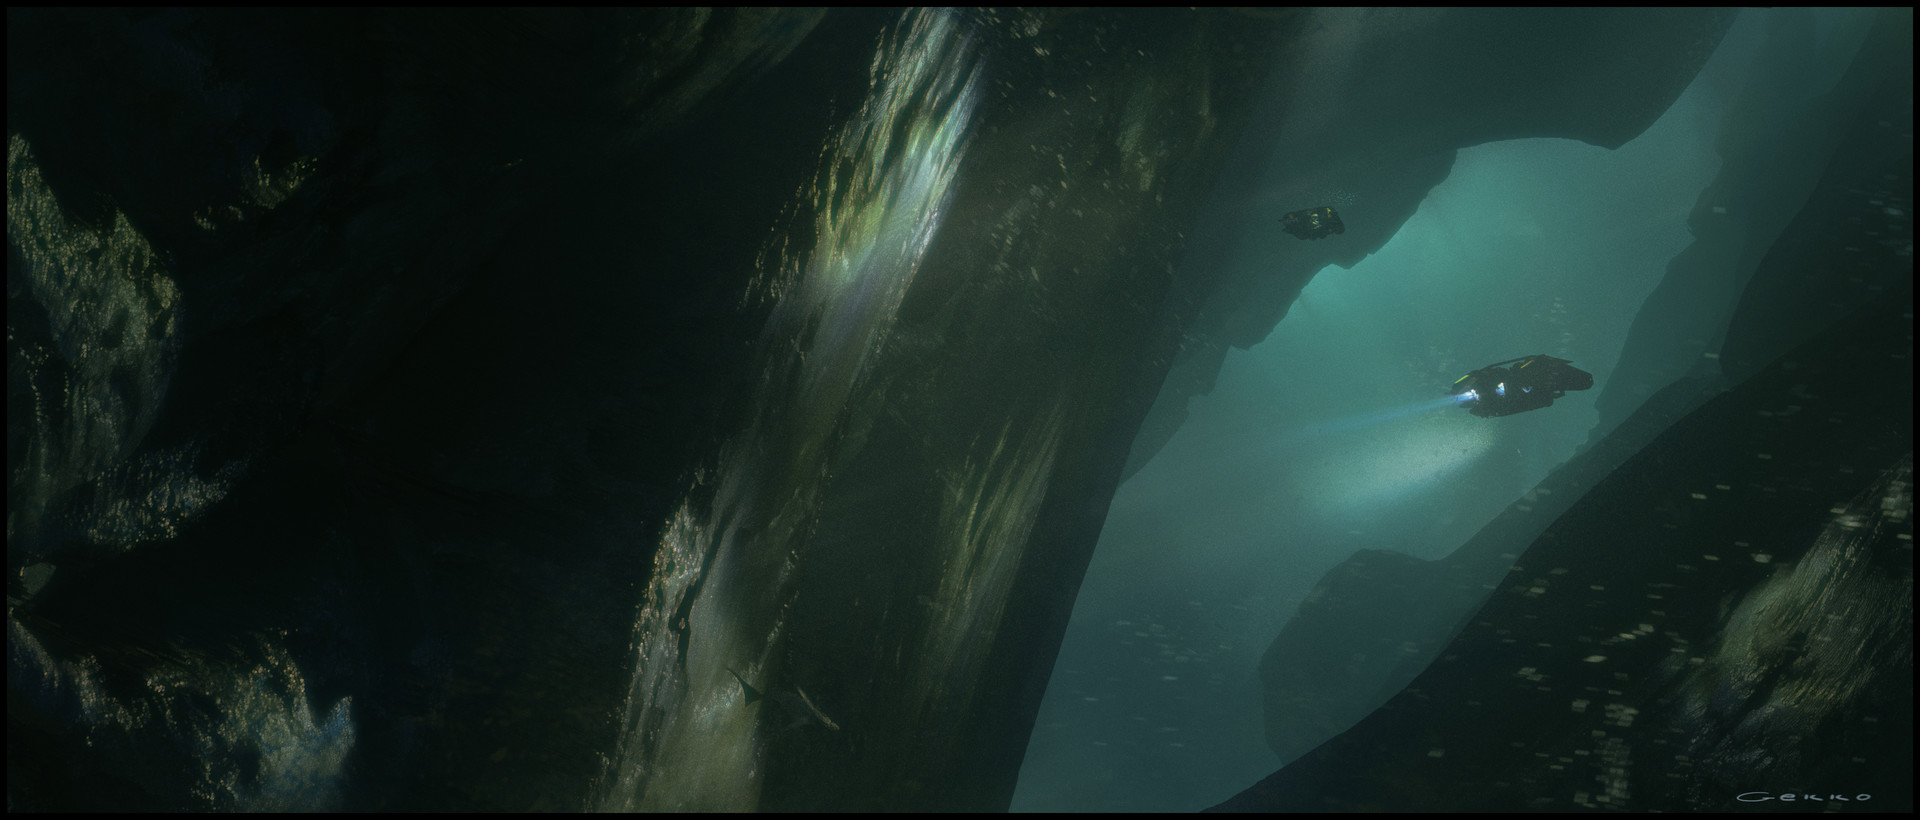 Nicolas gekko the abyss 14